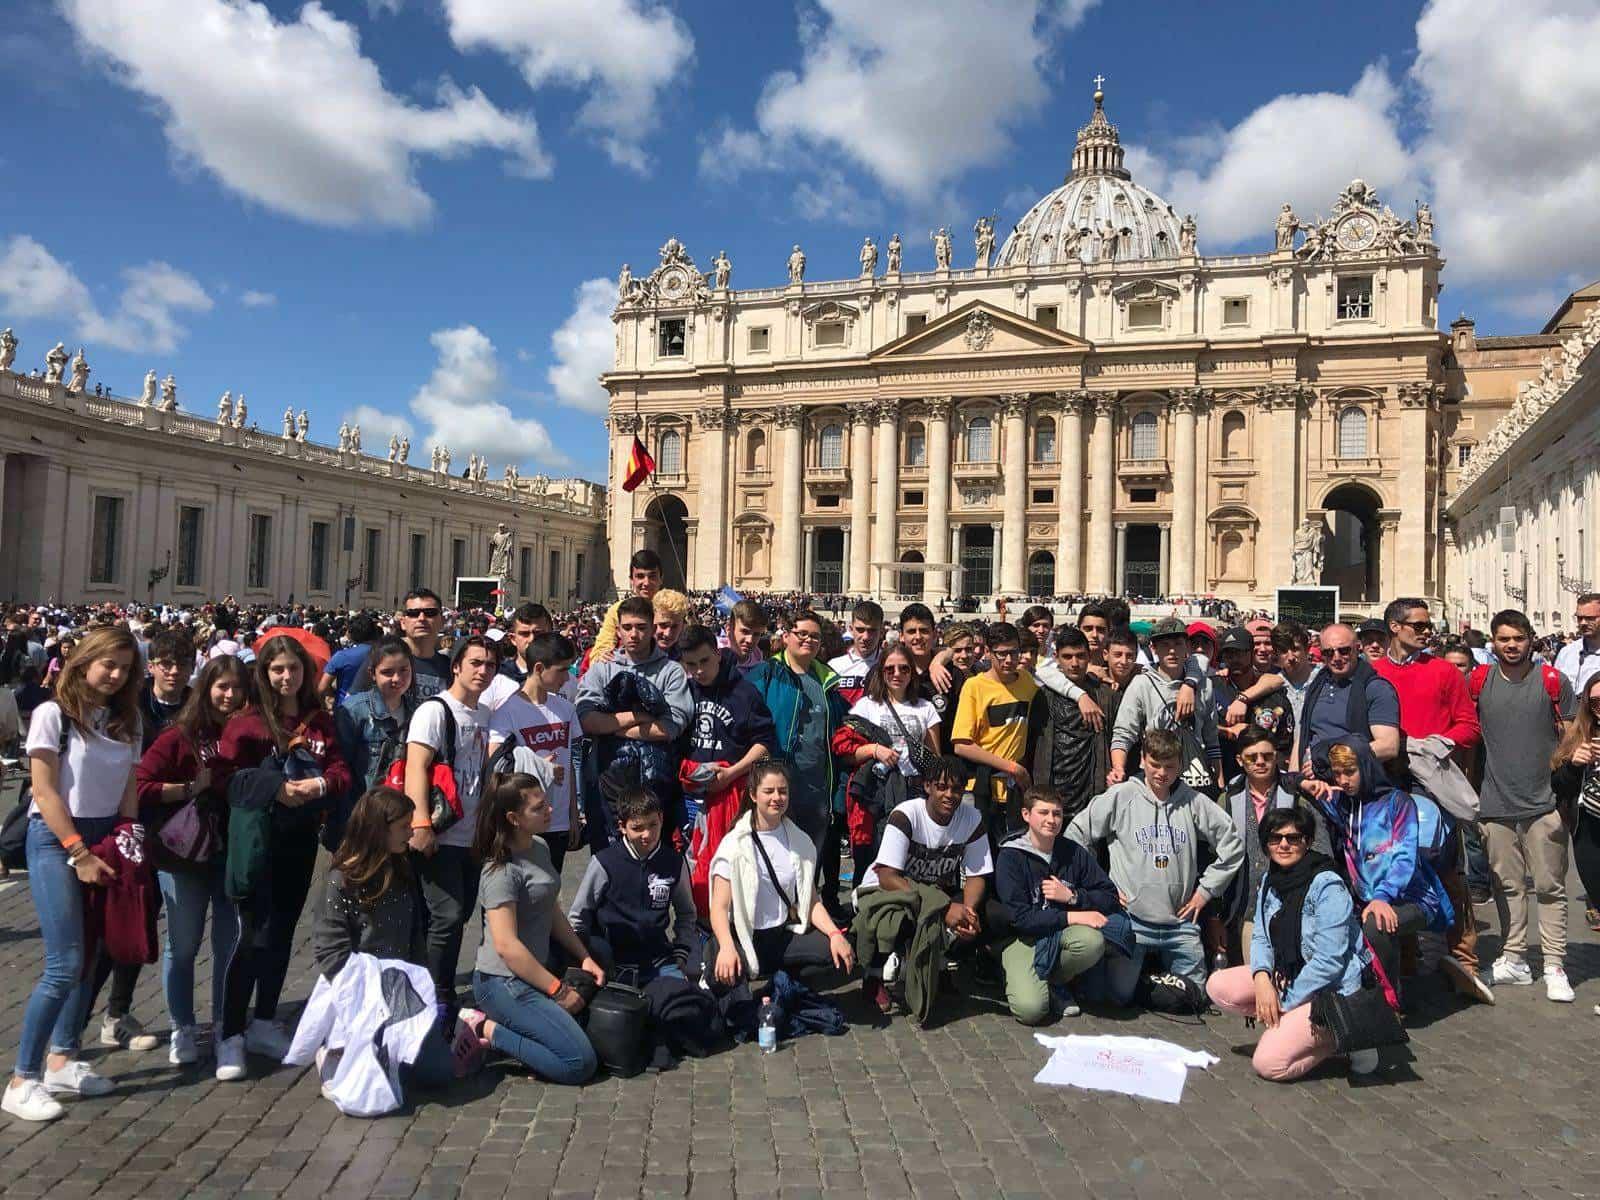 Alumnos del colegio Seminario Menor Mercedario viajan a Roma1 - Alumnos del colegio Seminario Menor Mercedario viajan a Roma